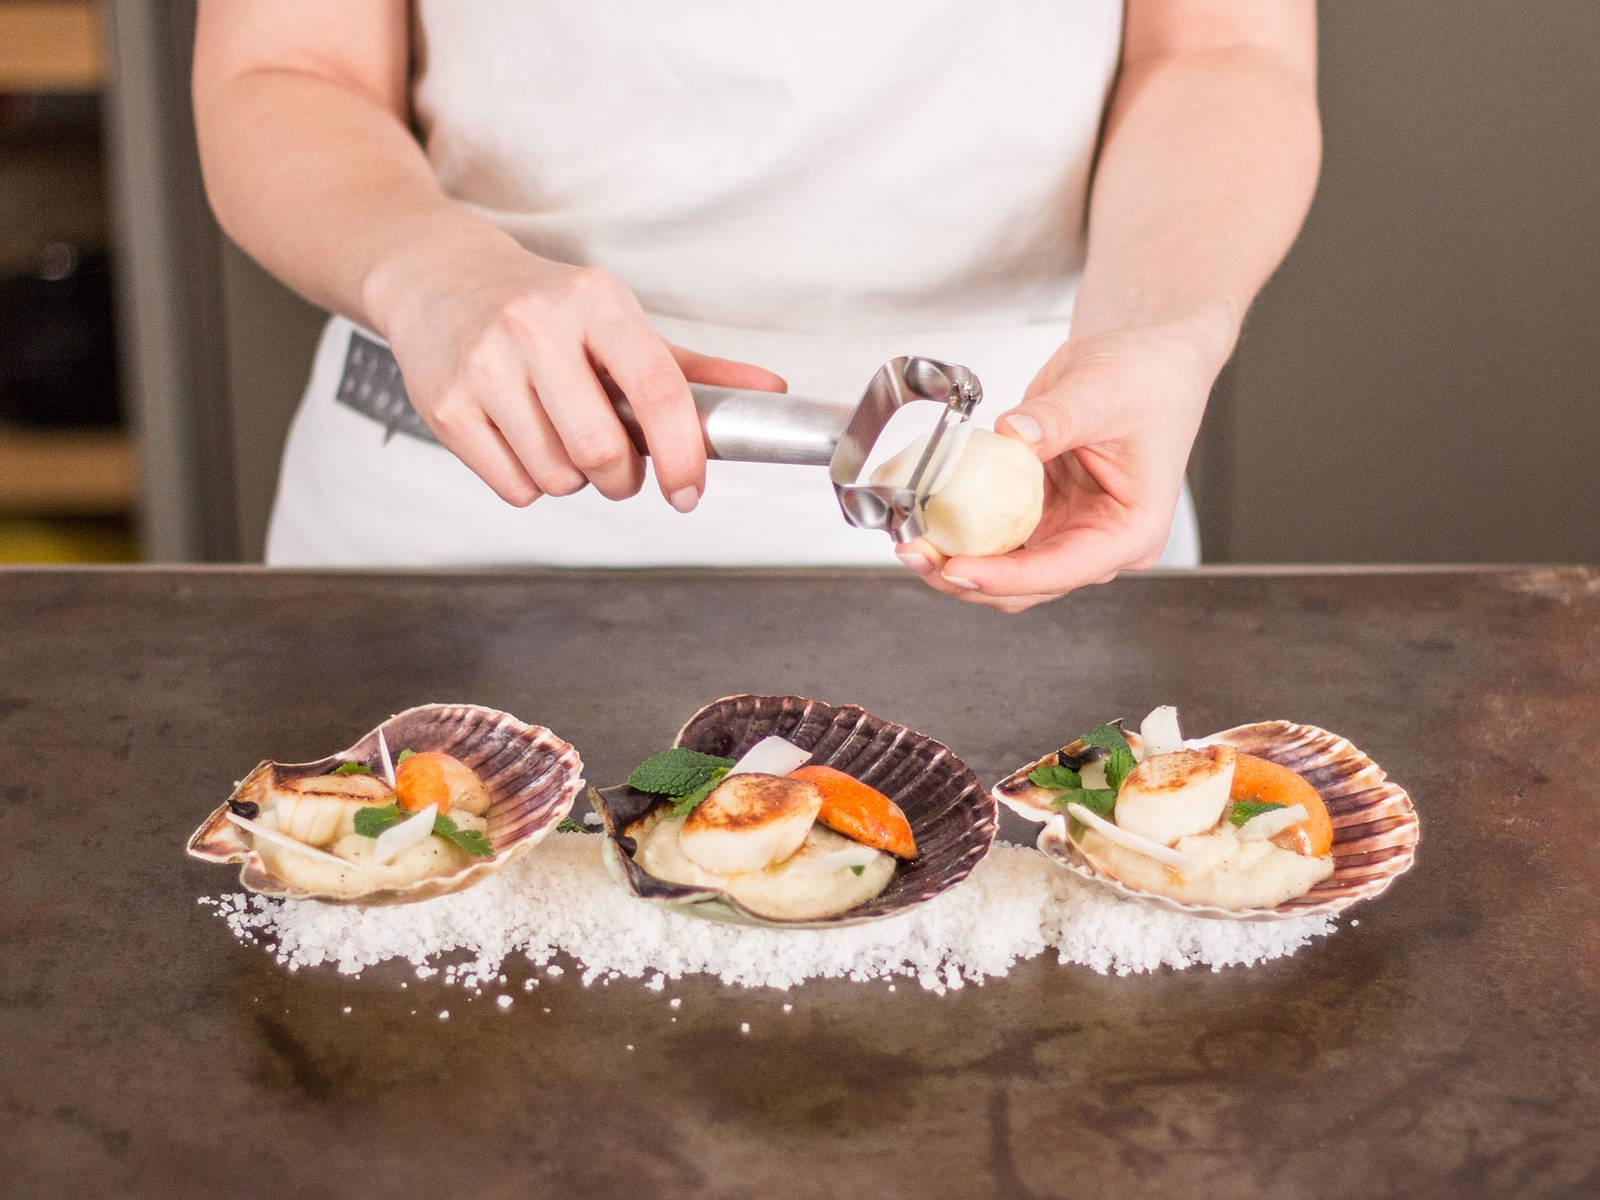 Koriander und Minze zupfen. Topinambur-Püree auf einem Teller anrichten. Jakobsmuscheln darauflegen. Mit Koriander, Minze und frisch geschältem Topinambur garnieren.